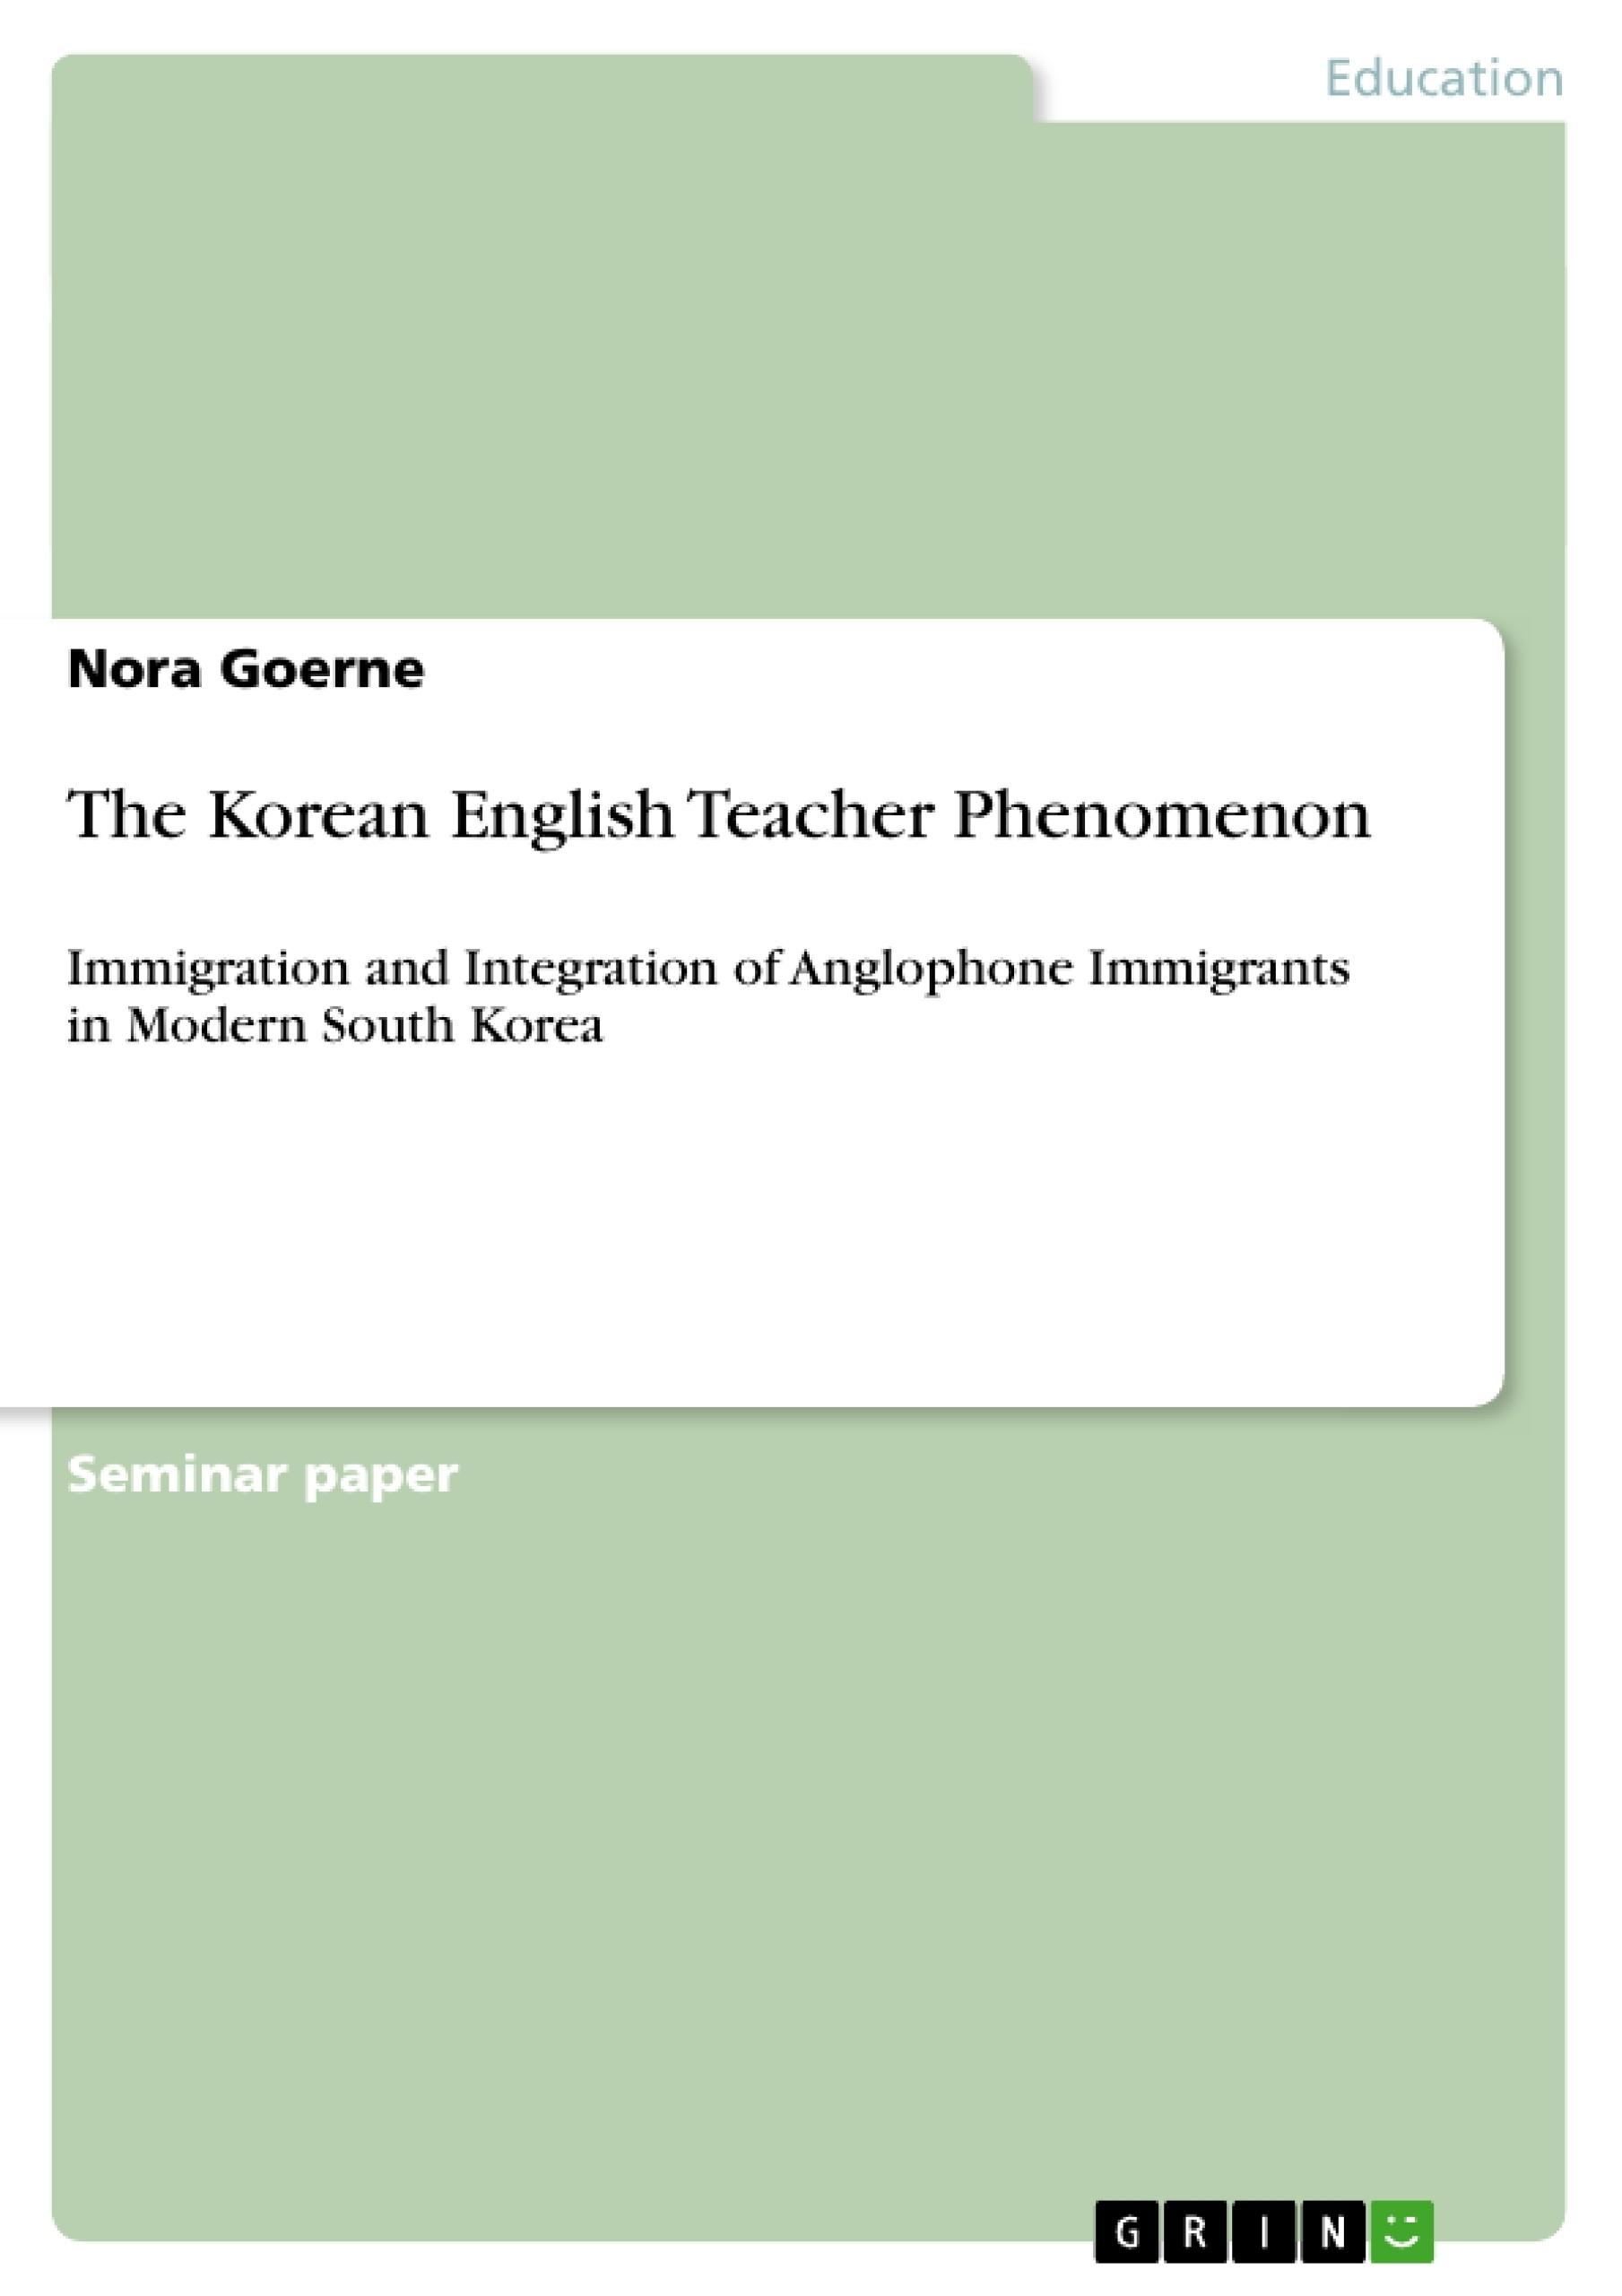 Title: The Korean English Teacher Phenomenon